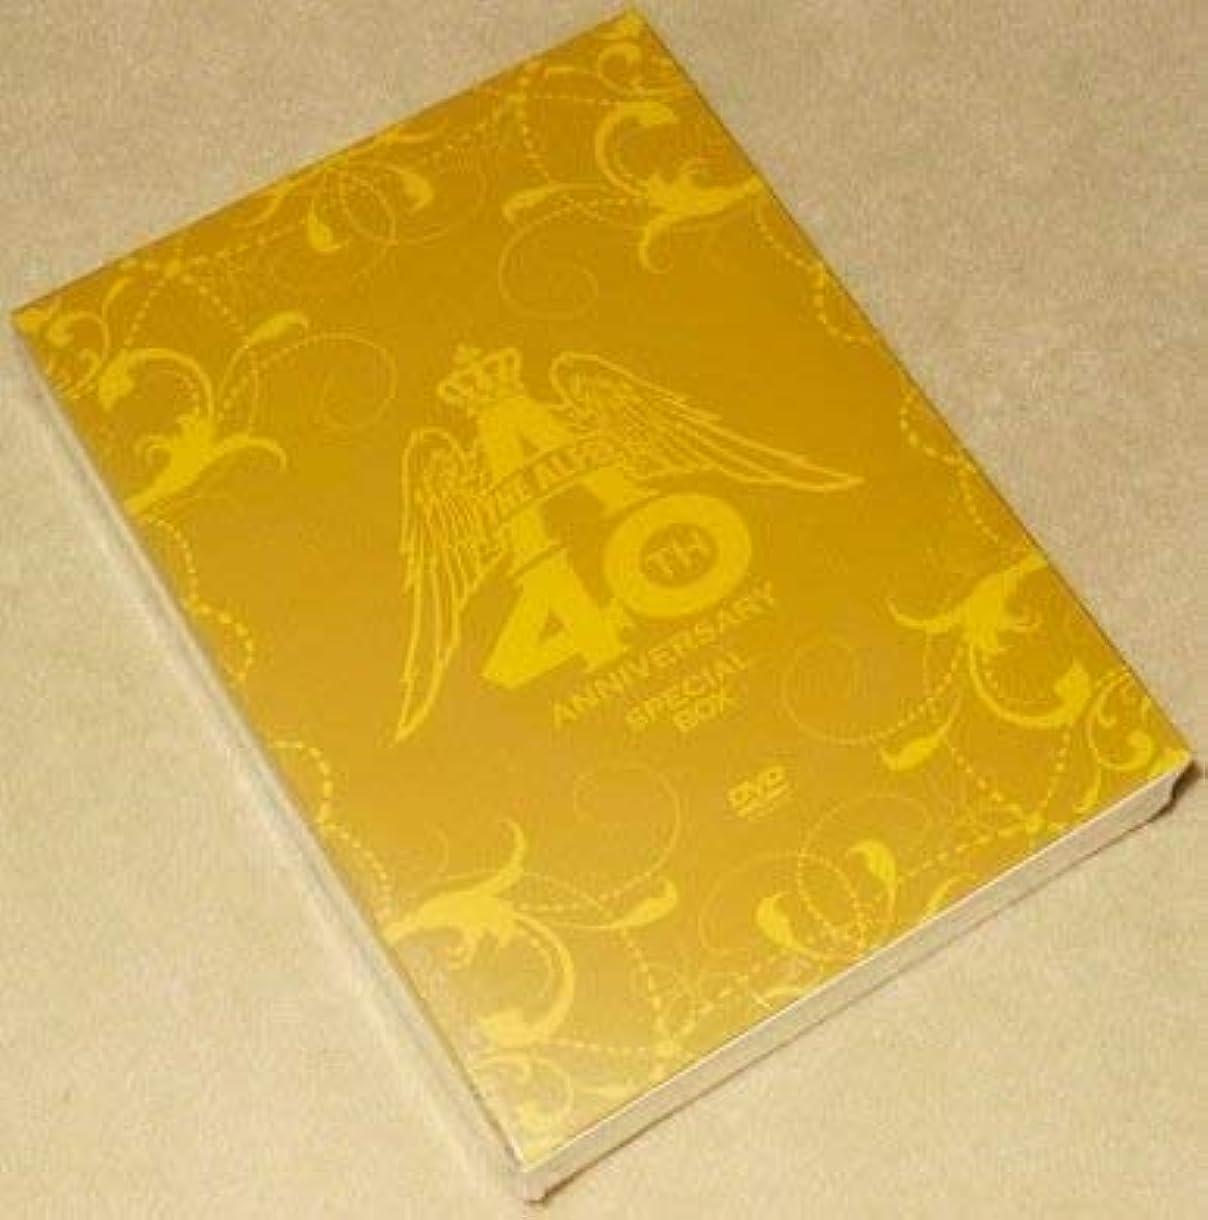 採用パンサー打倒THE ALFEE 40th Anniversary スペシャルボックス [DVD] 18枚組